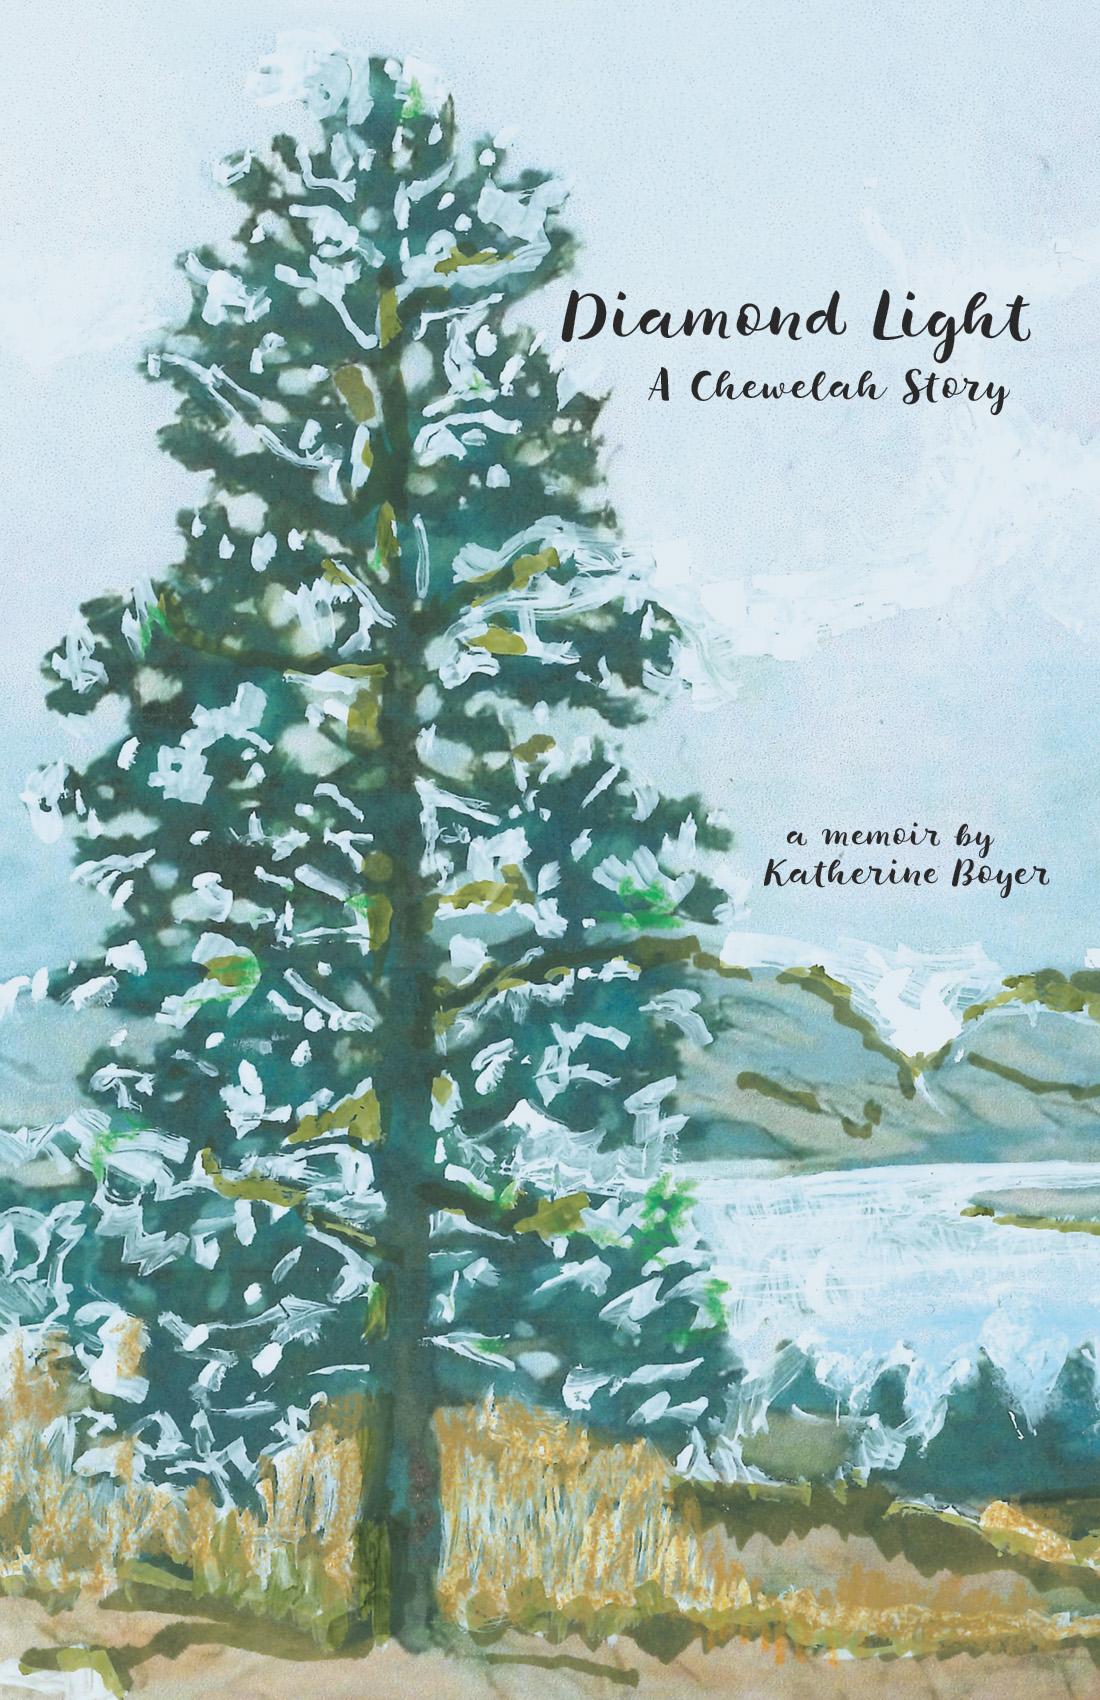 Diamond Light by Katherine Boyer (Blue Jay Press, 2017)